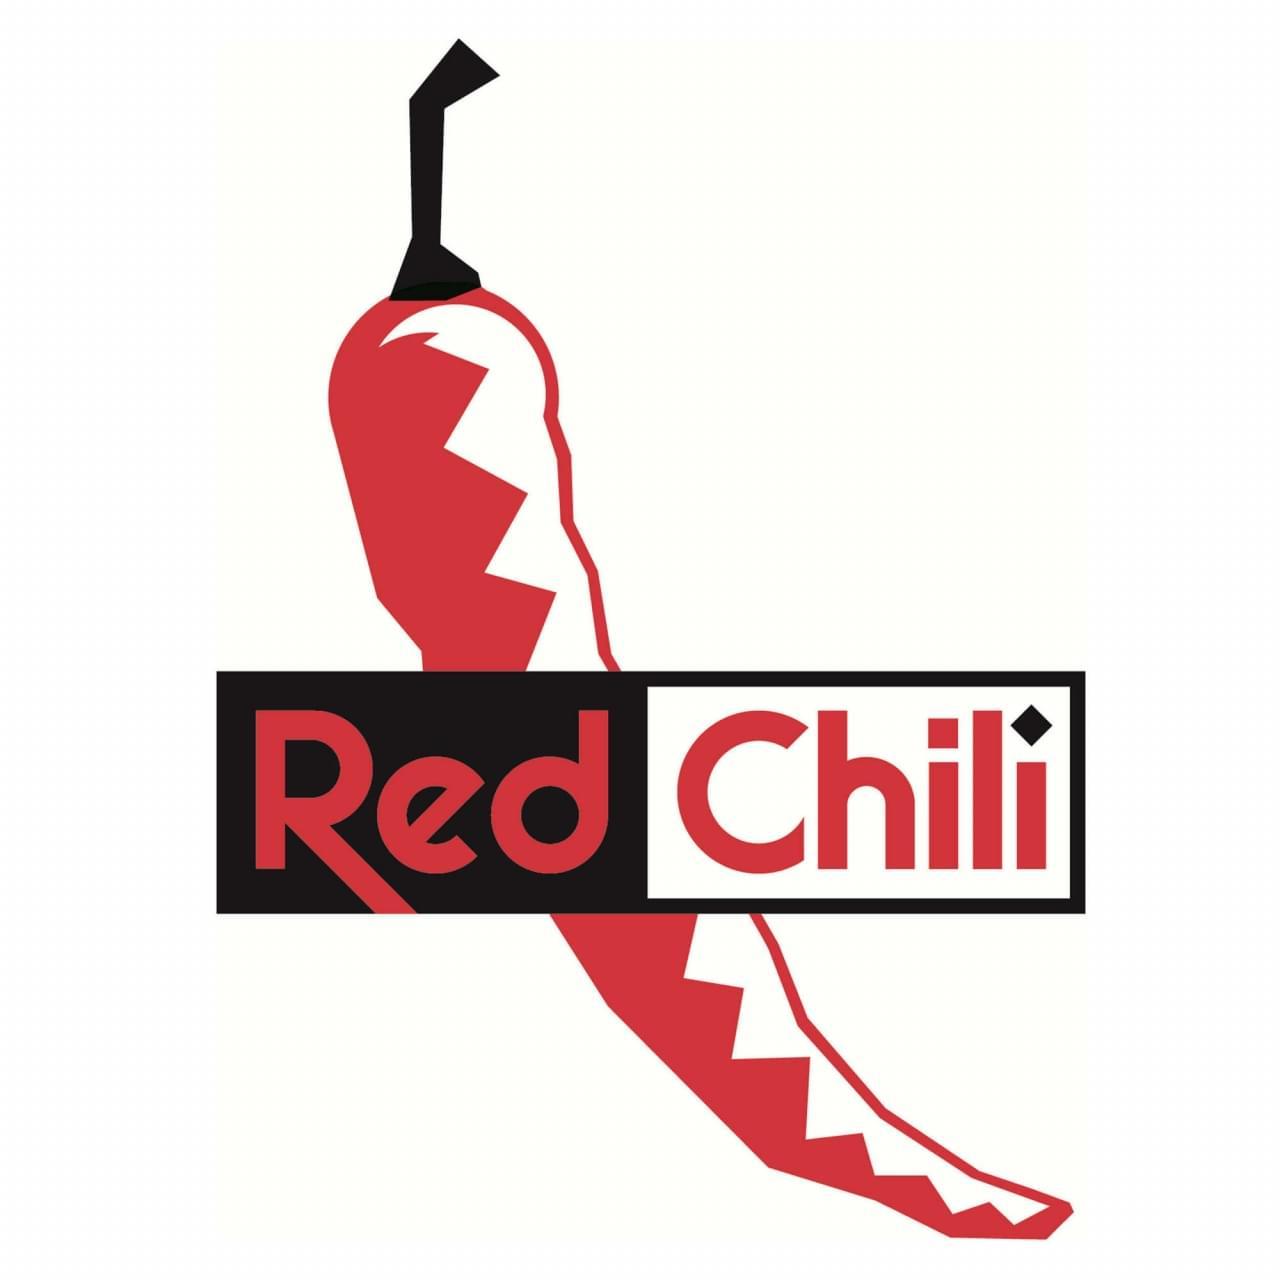 Red Chili Fusion VCR